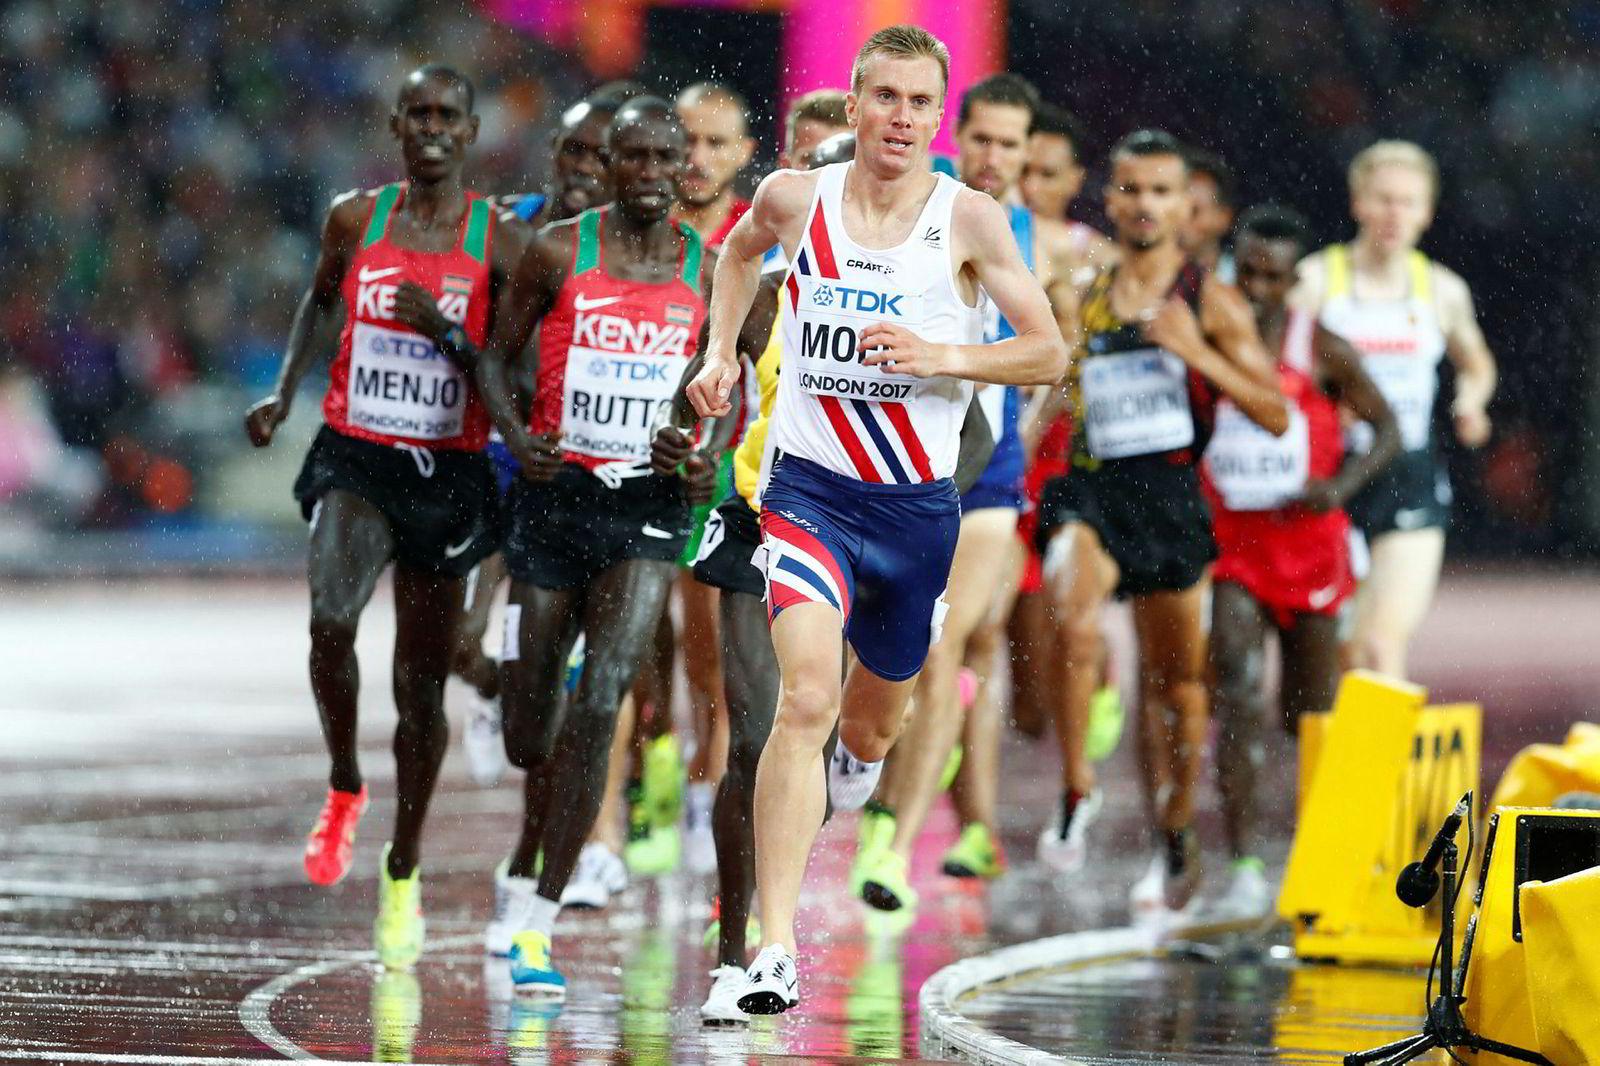 Sondre Norstad Moen satte opp et solid tempo i felt i forsøksheatet på 5000 meter under VM i friidrett i London sist sommer. De kortere løpene er brukt systematisk for å styrke tempoet til maratonløpene.